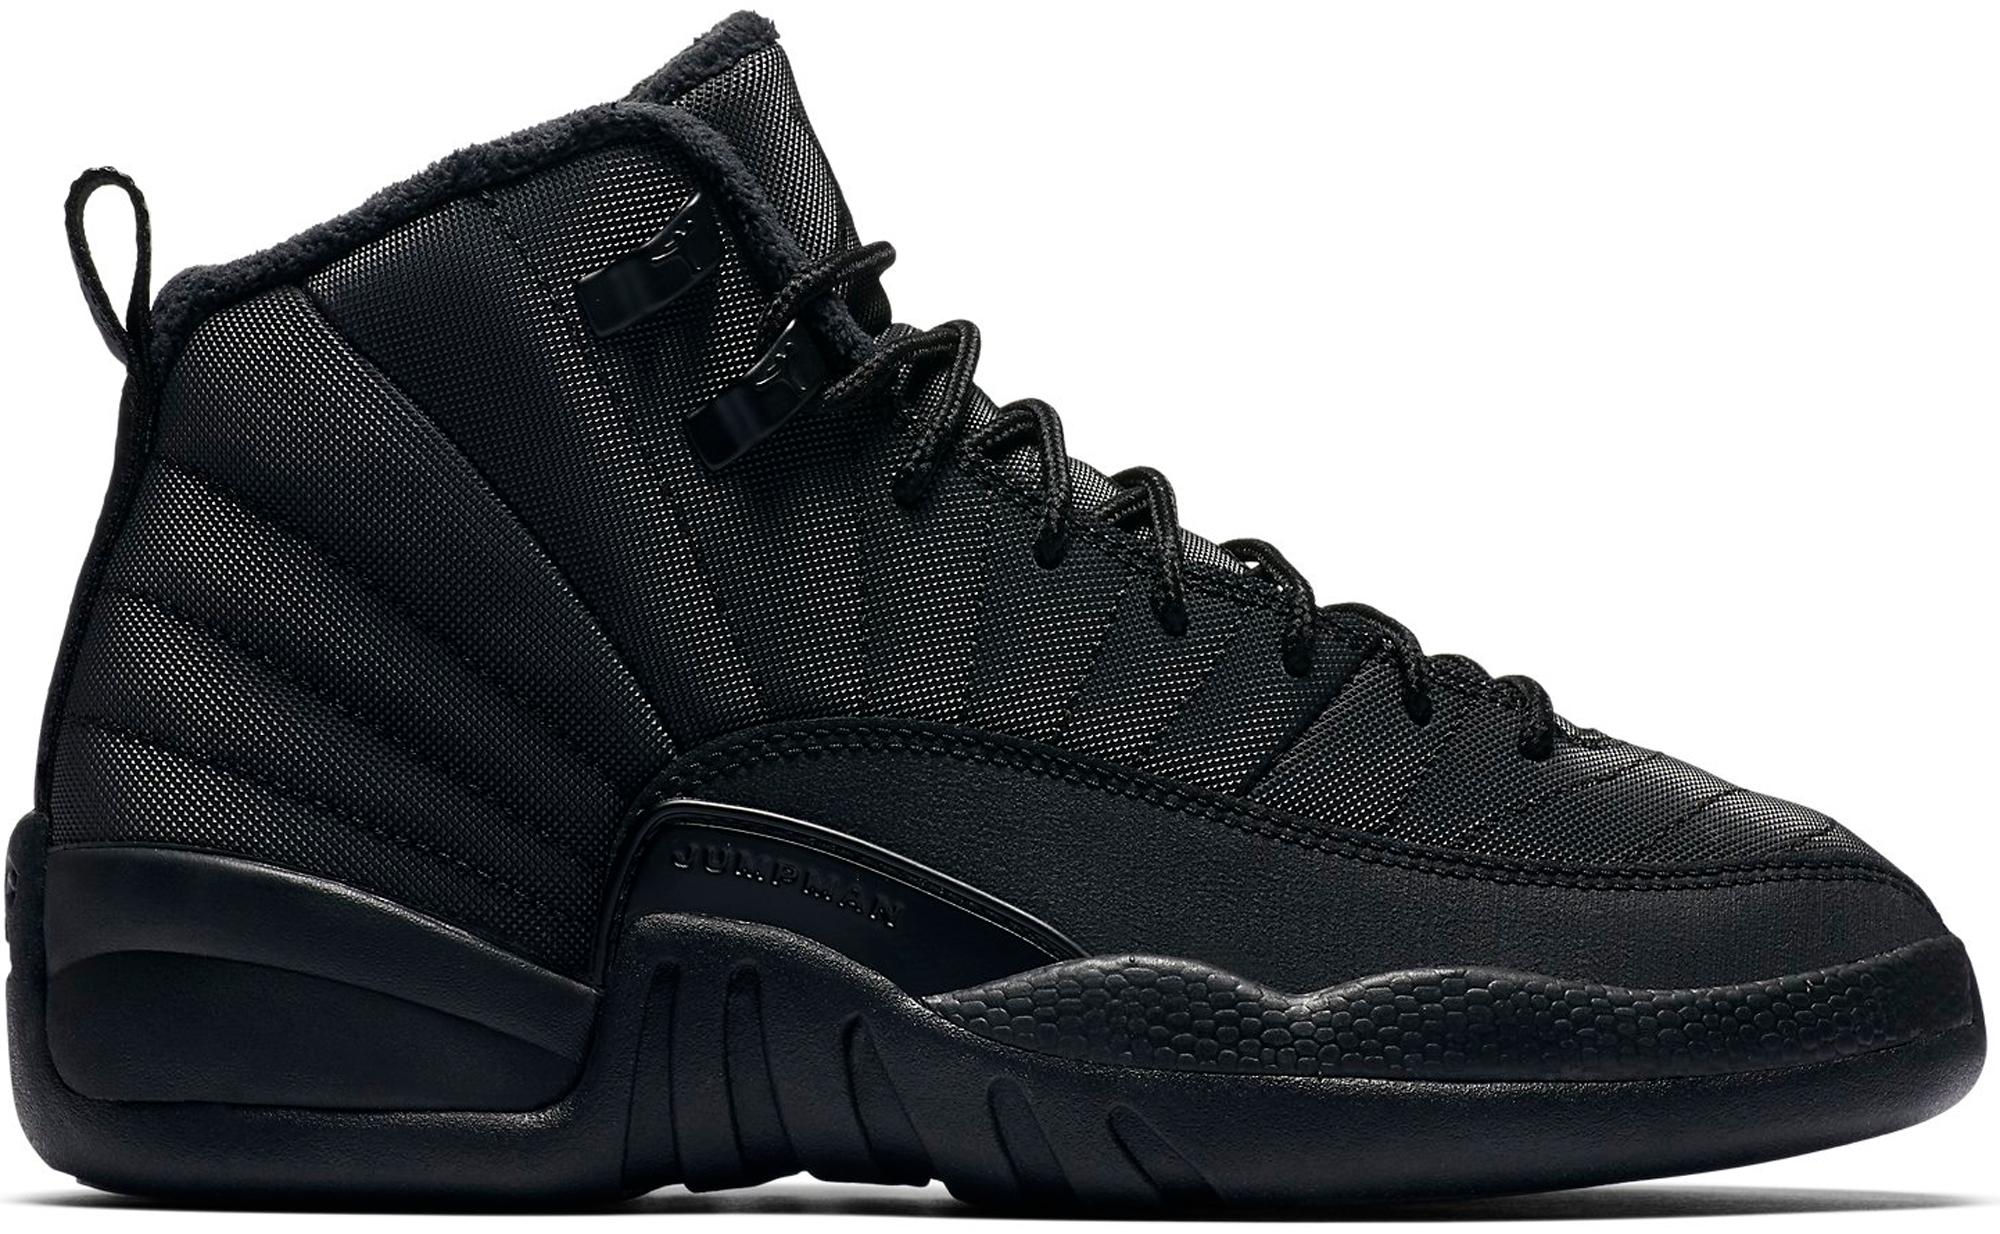 Jordan 12 Retro Winter Black (GS)